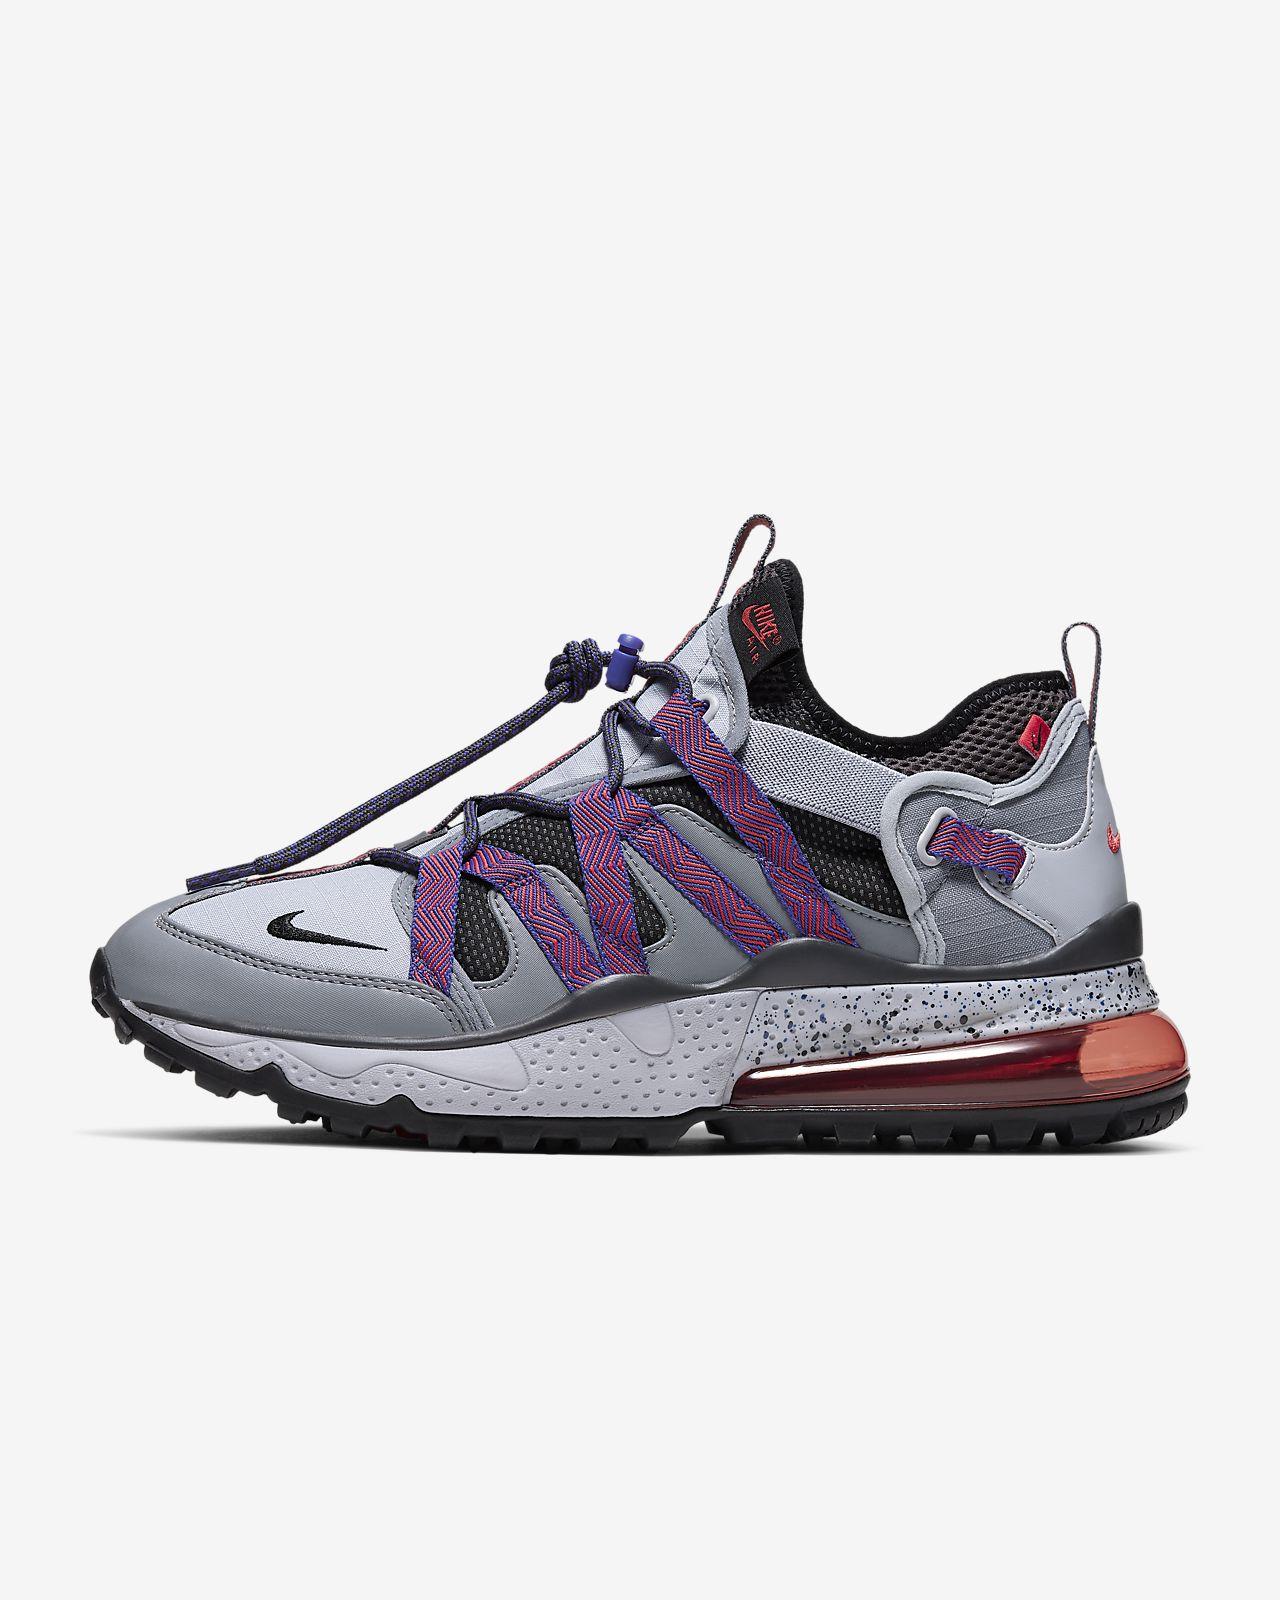 Nike Air Max 270 Bowfin Sneakers 2019Nike skor Sneakers 2019 Nike shoes